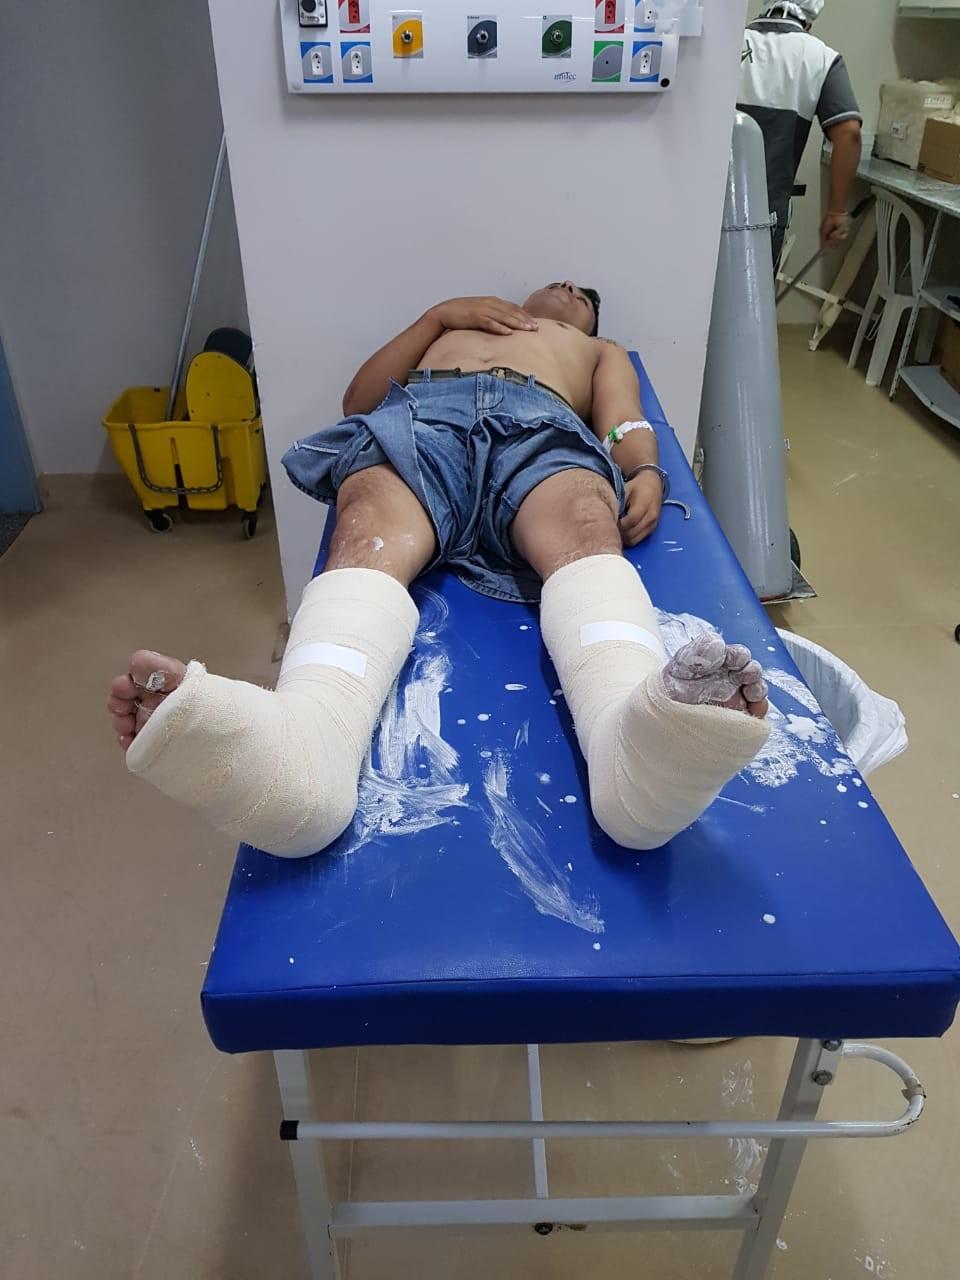 Estudante de direito furta alunos em universidade e é preso após pular janela e quebrar tornozelos